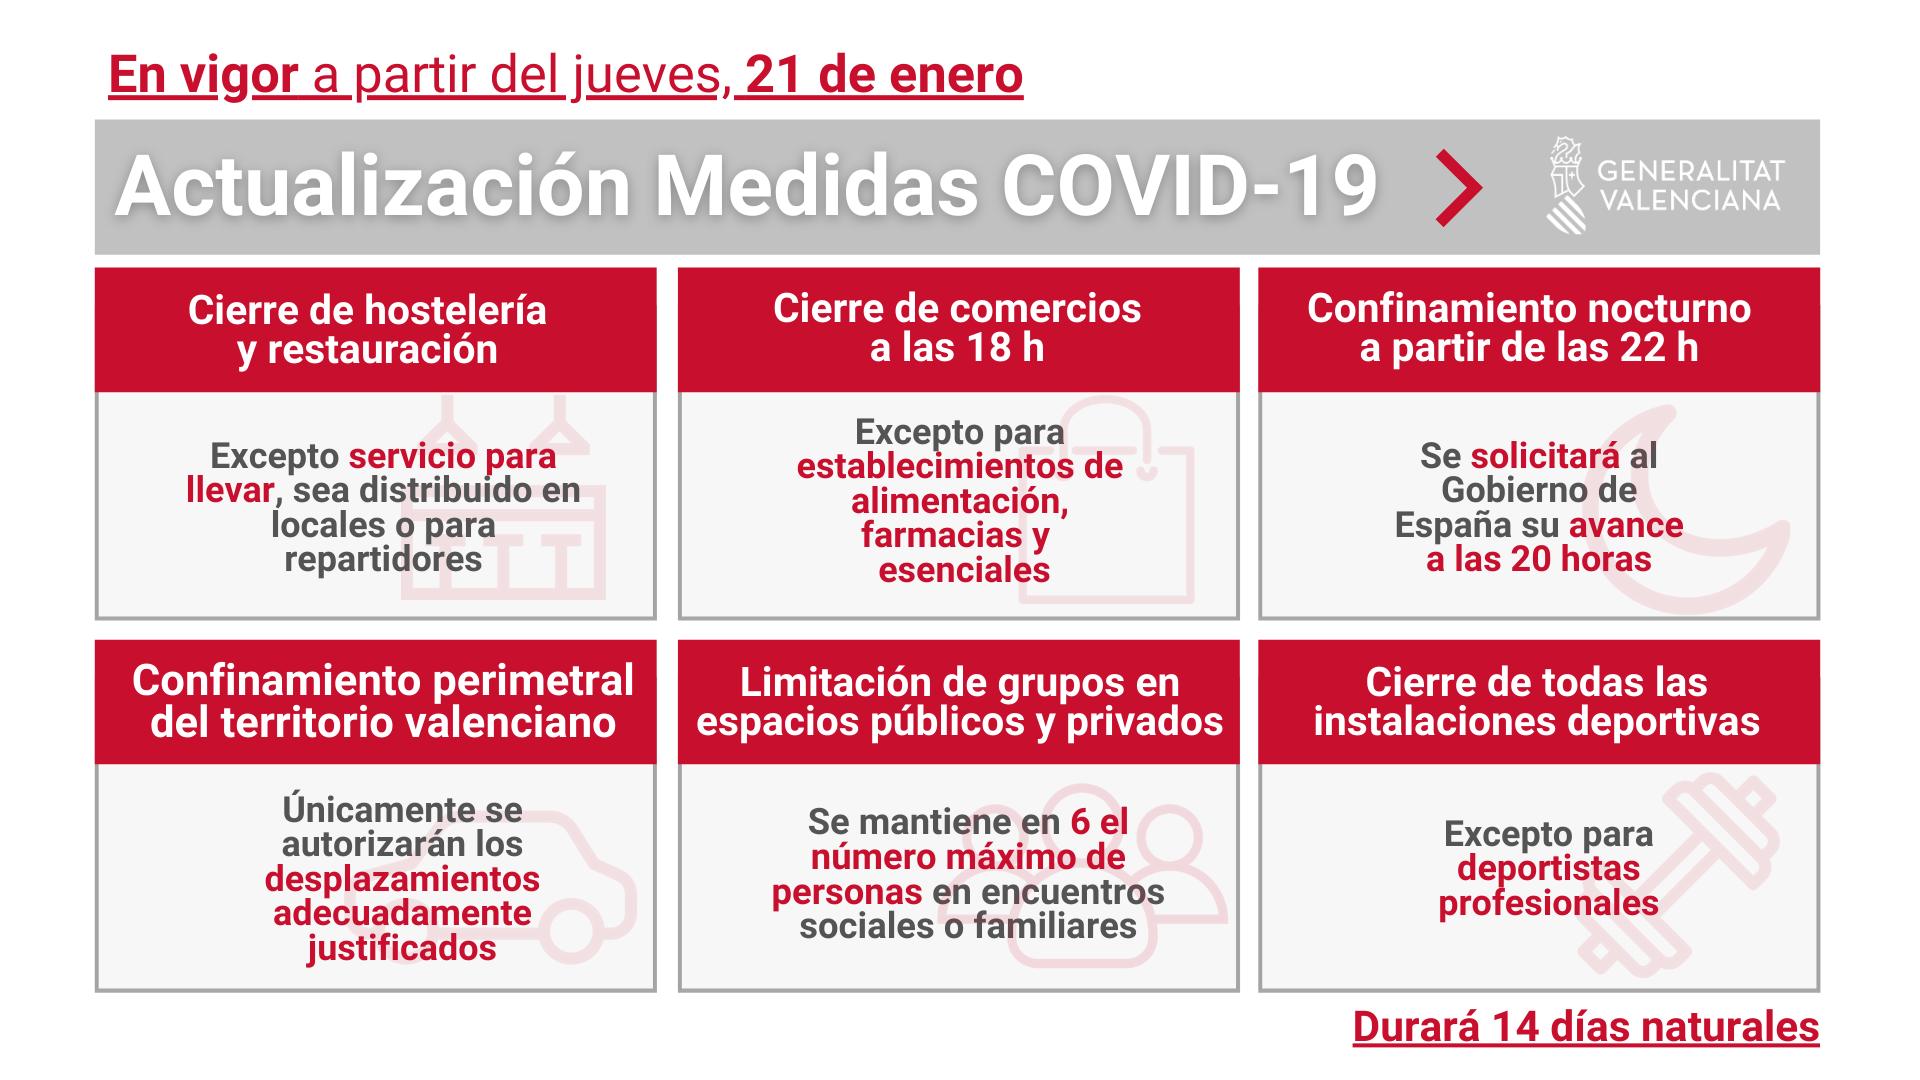 NUEVAS MEDIDAS #COVID19 A PARTIR DEL 21 DE ENERO